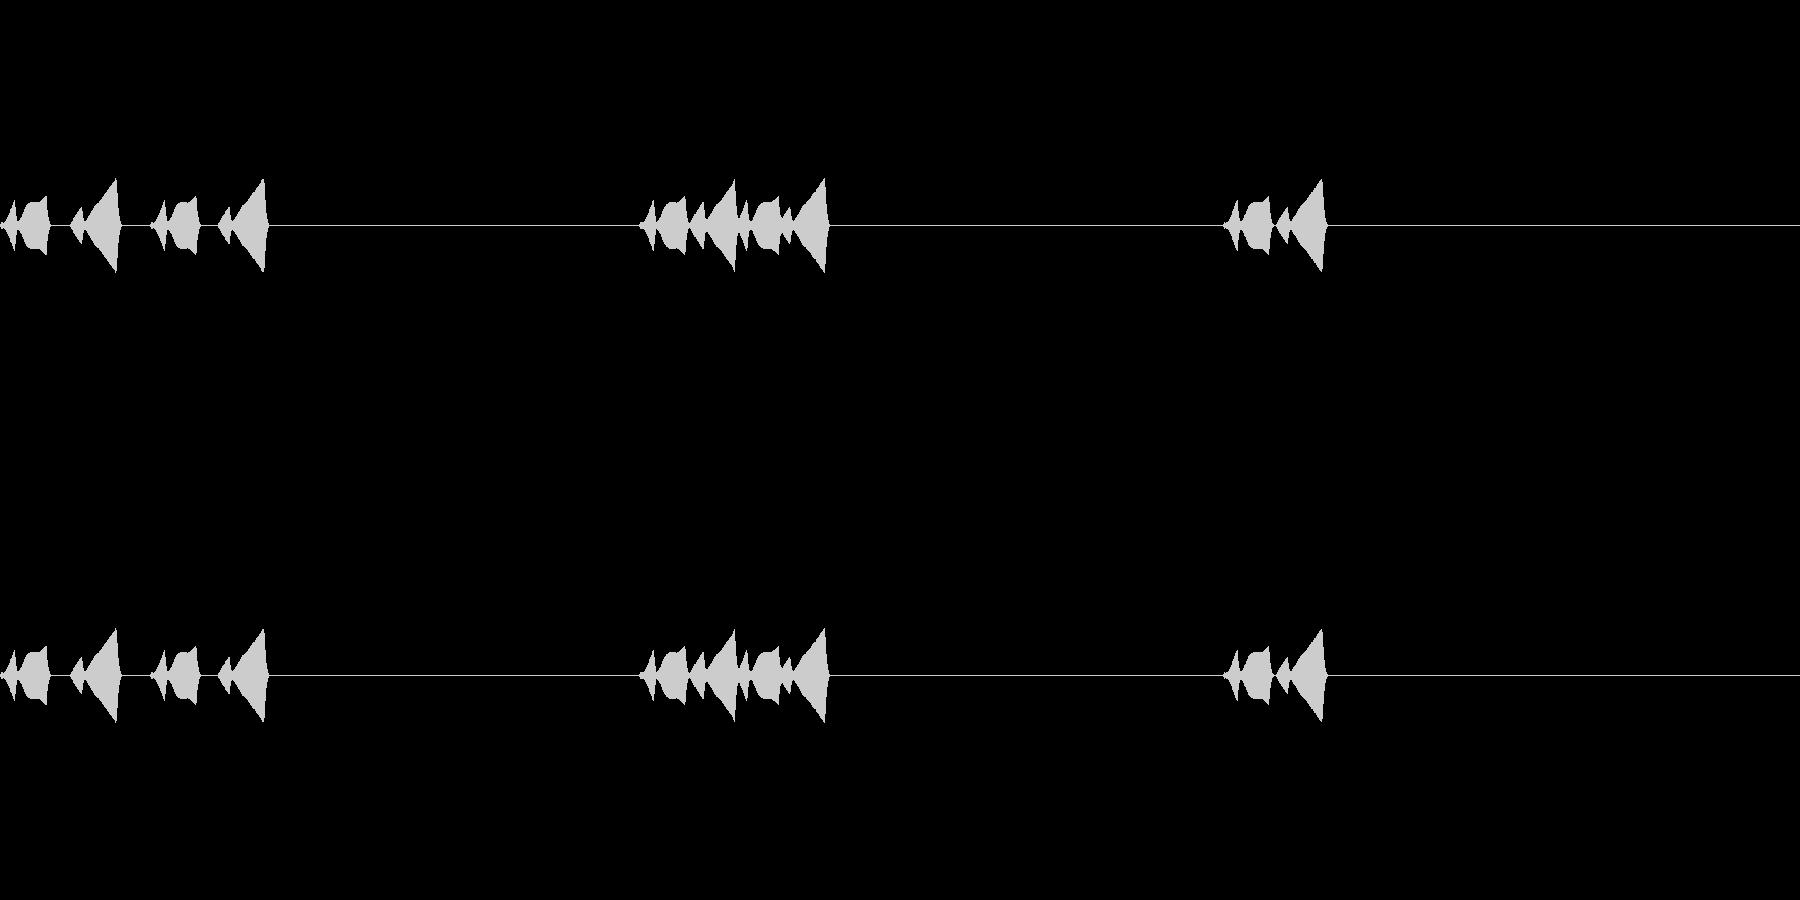 コミカルなSE(ピクピク)_その1の未再生の波形